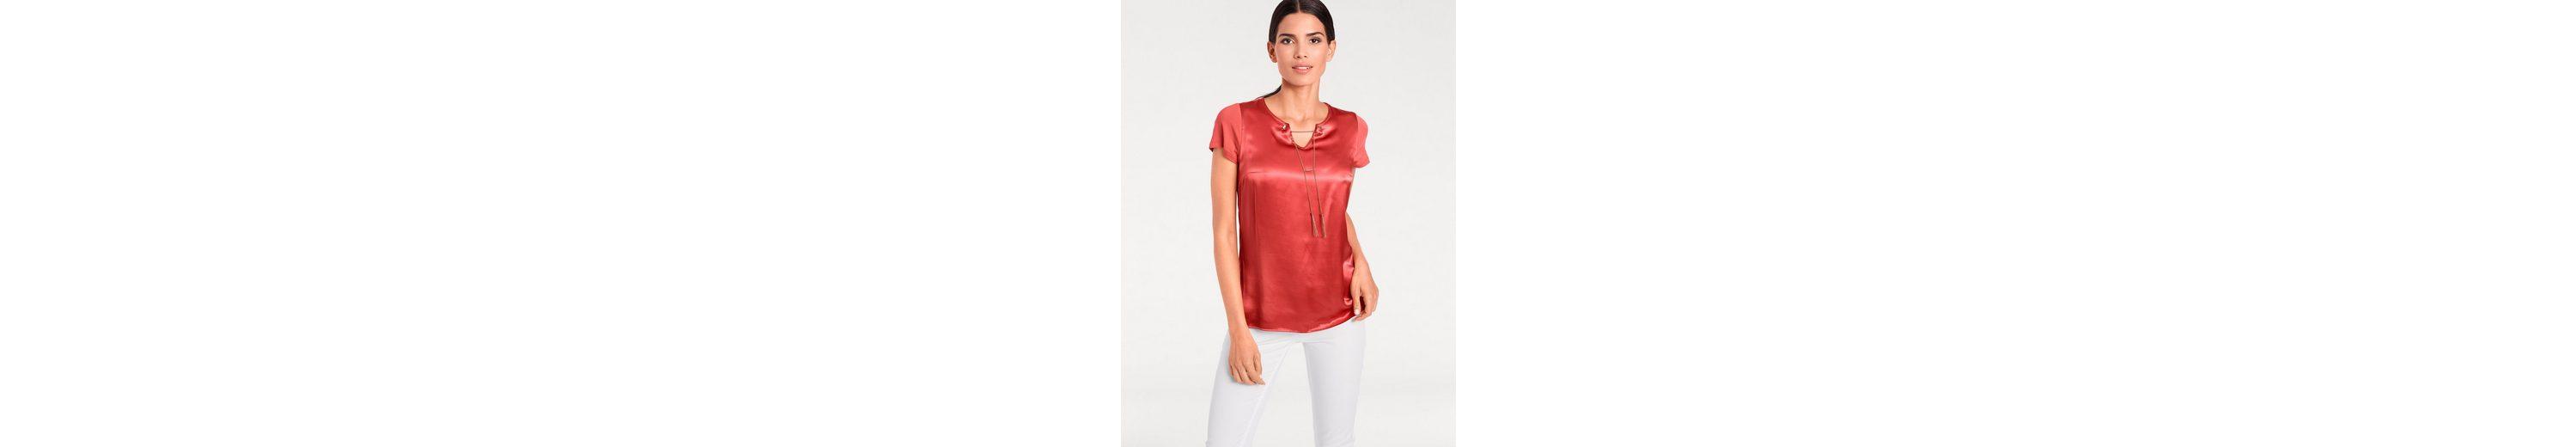 Billig Verkauf Vorbestellung PATRIZIA DINI by Heine Shirt mit Seide Zum Verkauf Der Billigsten gJ70FA5bWi